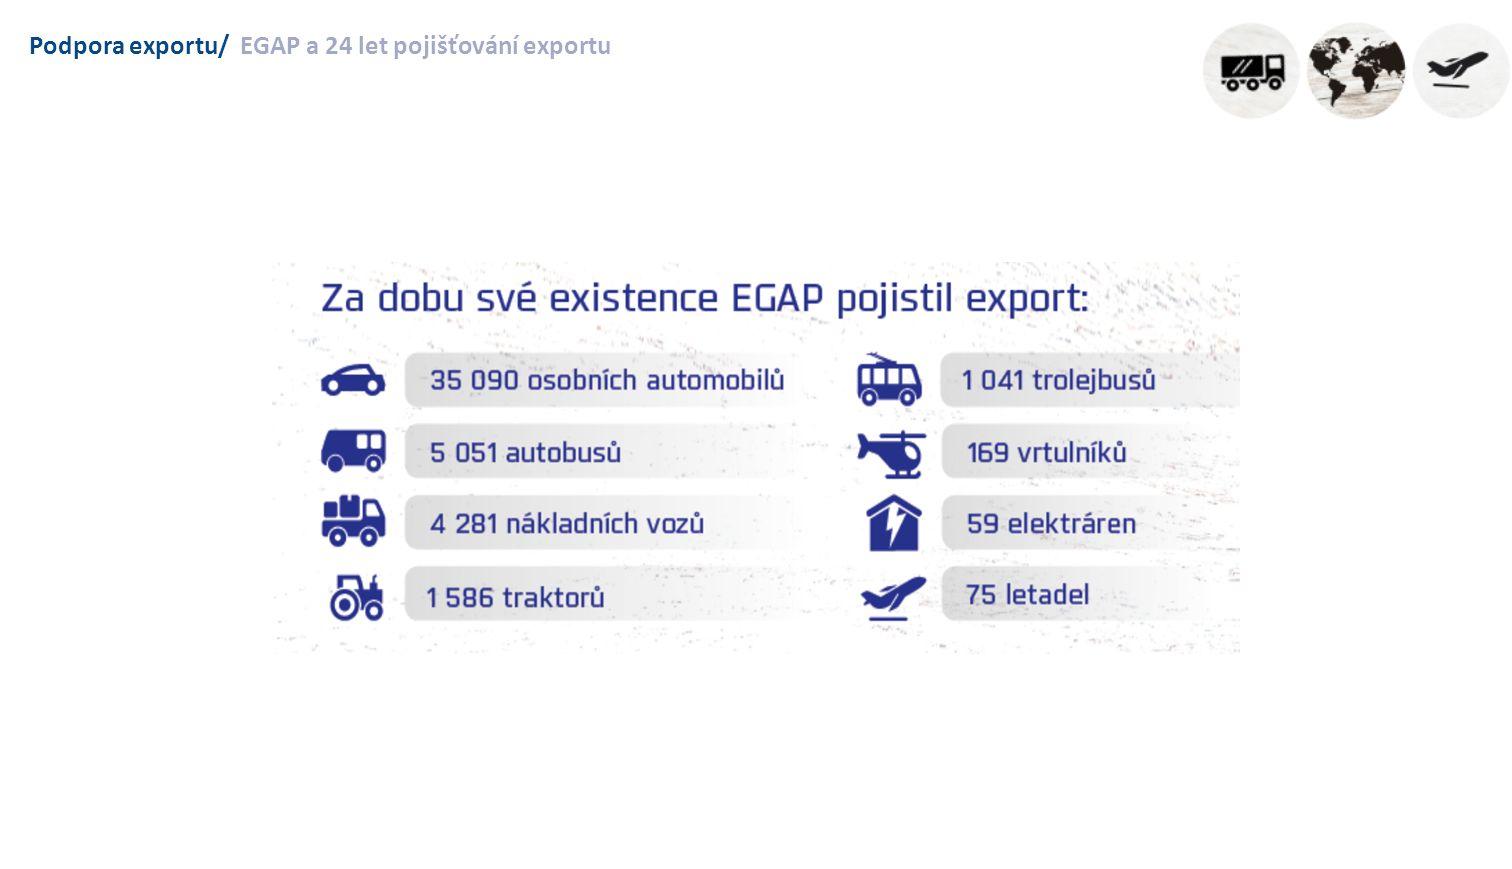 Export do Etiopie/Teritoriální informace  Jedinou udržitelnou cestou je zdokonalování postupů výroby zboží = na jednoho pracovníka vznikne vyšší hodnota exportu - vyšší produktivita práce  Umožní zachovat tempo růstu a nevyžaduje úměrný počet nových pracovníků  Zdokonalování a inovace jsou klíčovým prvkem udržení stávajících trhů – zdroj konkurenceschopnosti  Návaznost na Průmysl 4.0  Programy EGAP podporují projekty s vyšší přidanou hodnotou: podpora exportu výsledků výzkumu a vývoje, podpora MSP